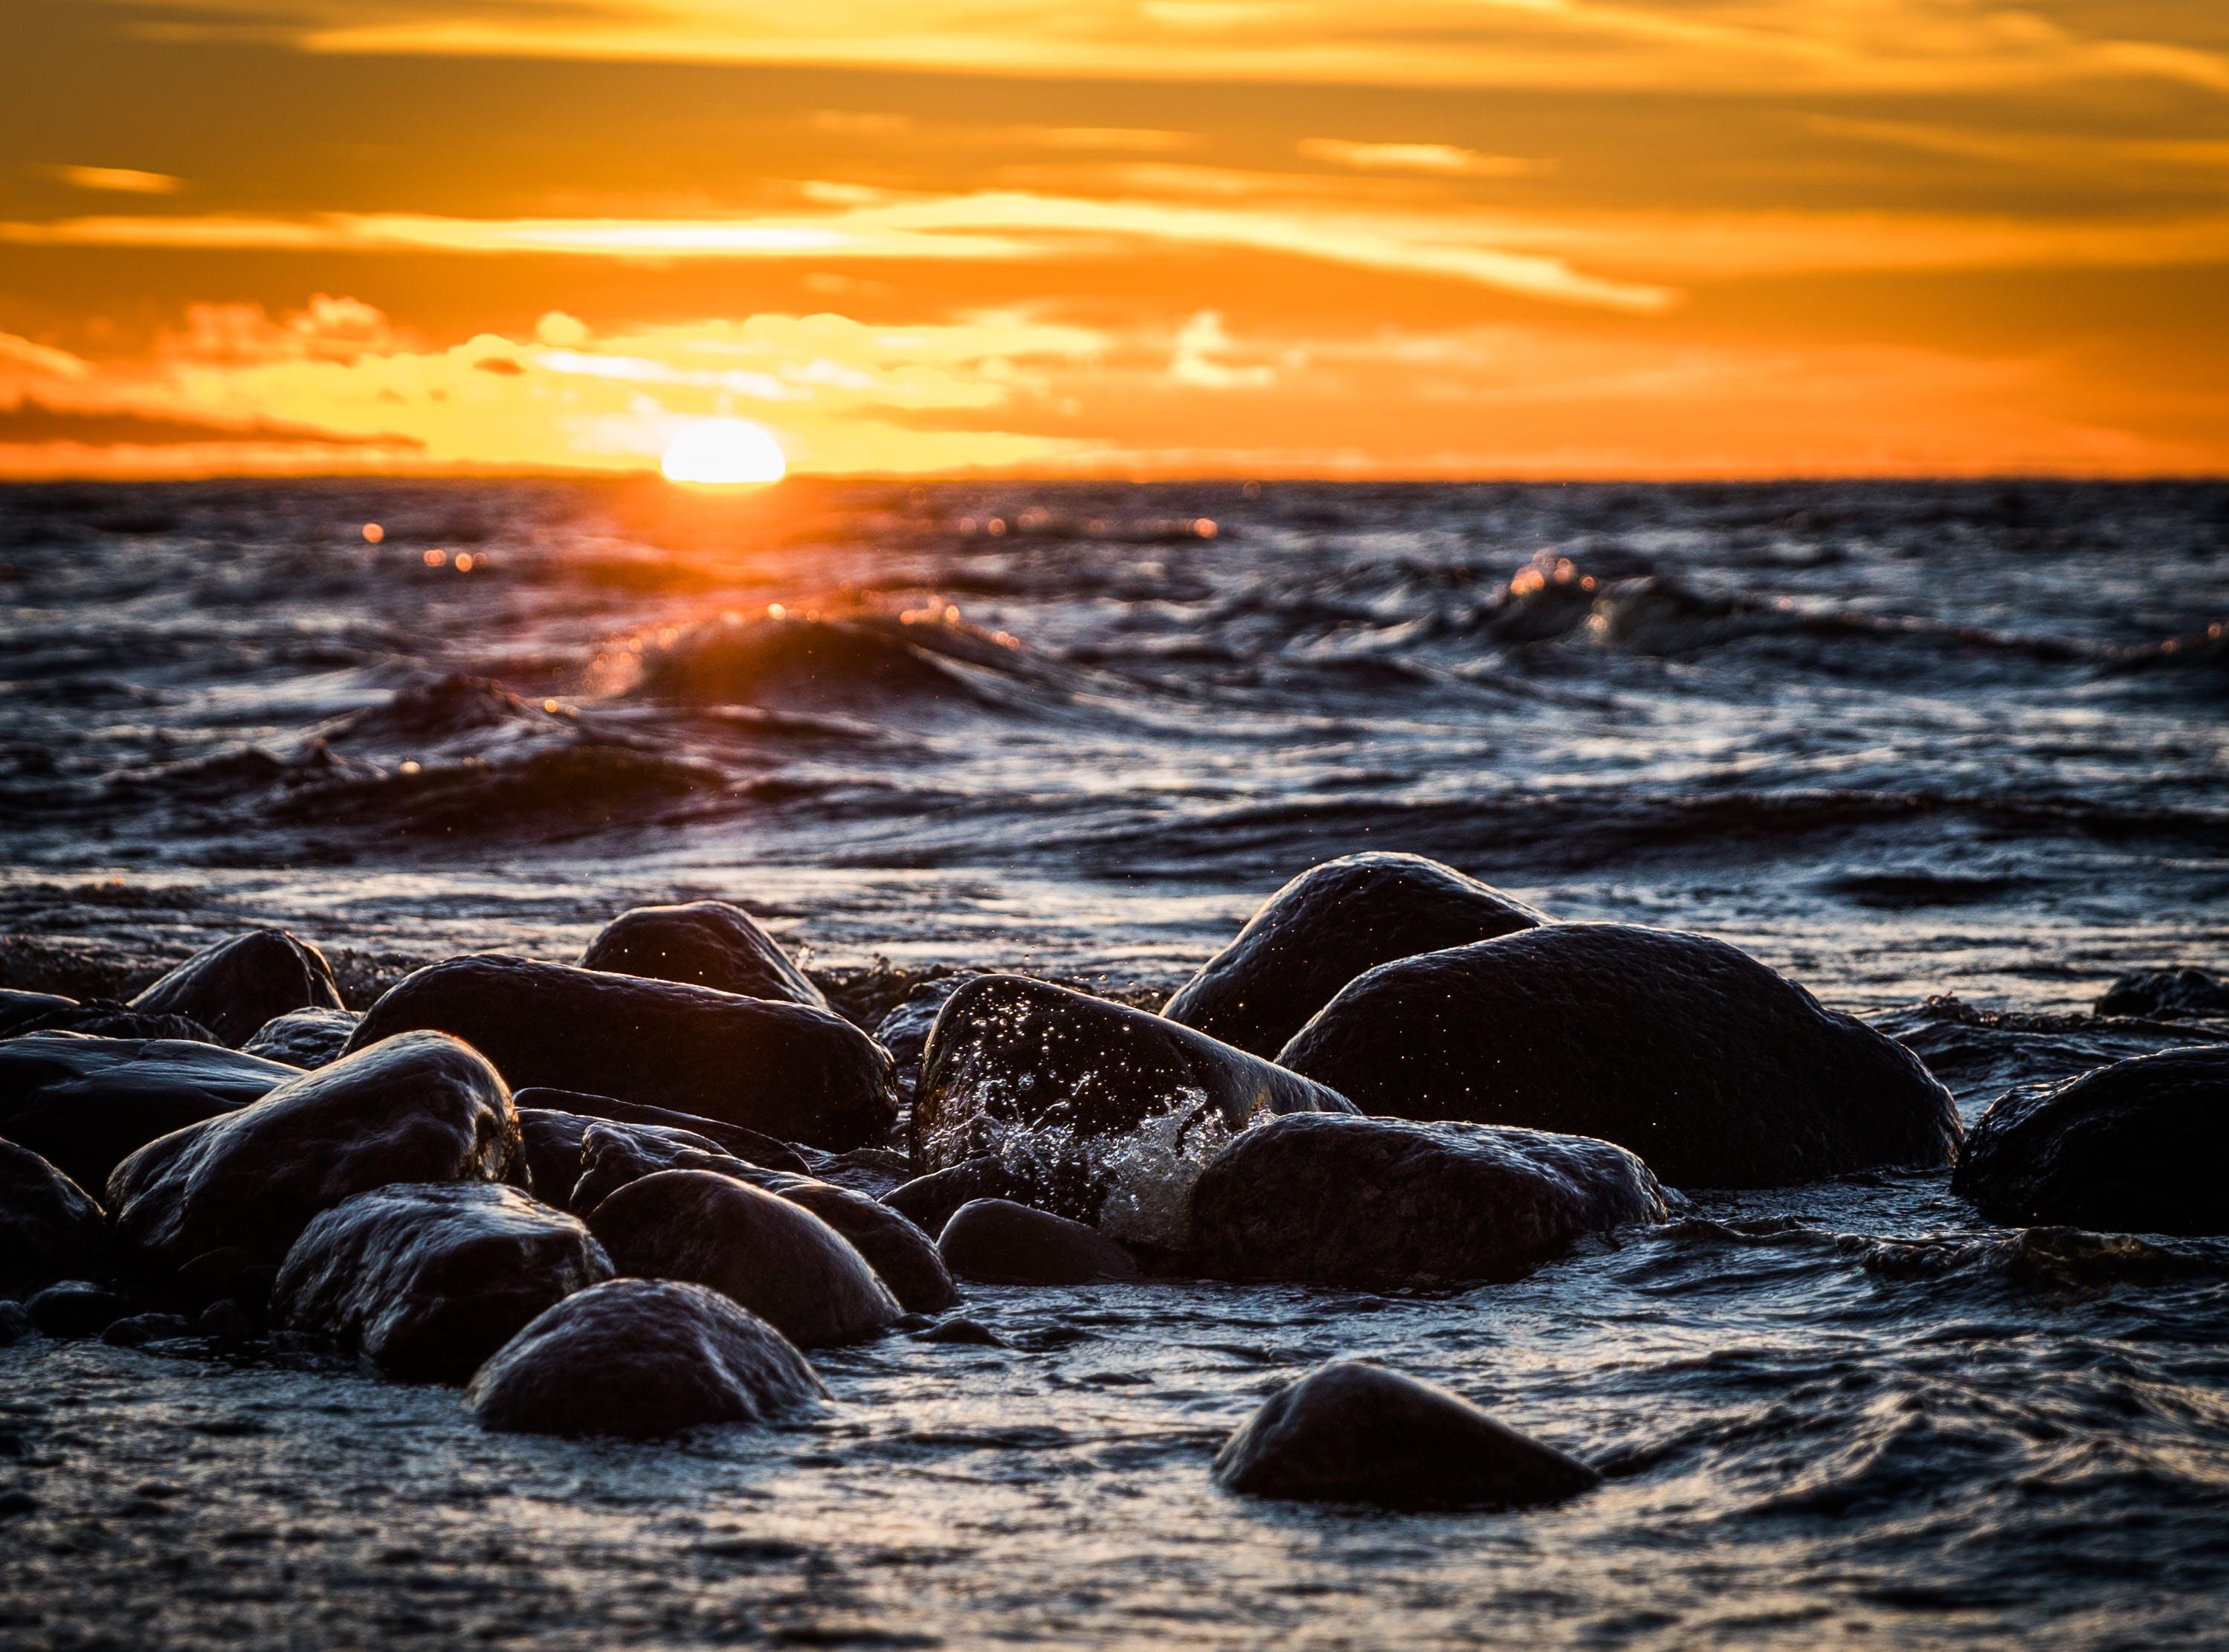 Δωρεάν στοκ φωτογραφιών με rock, Surf, ακτή, απόγευμα